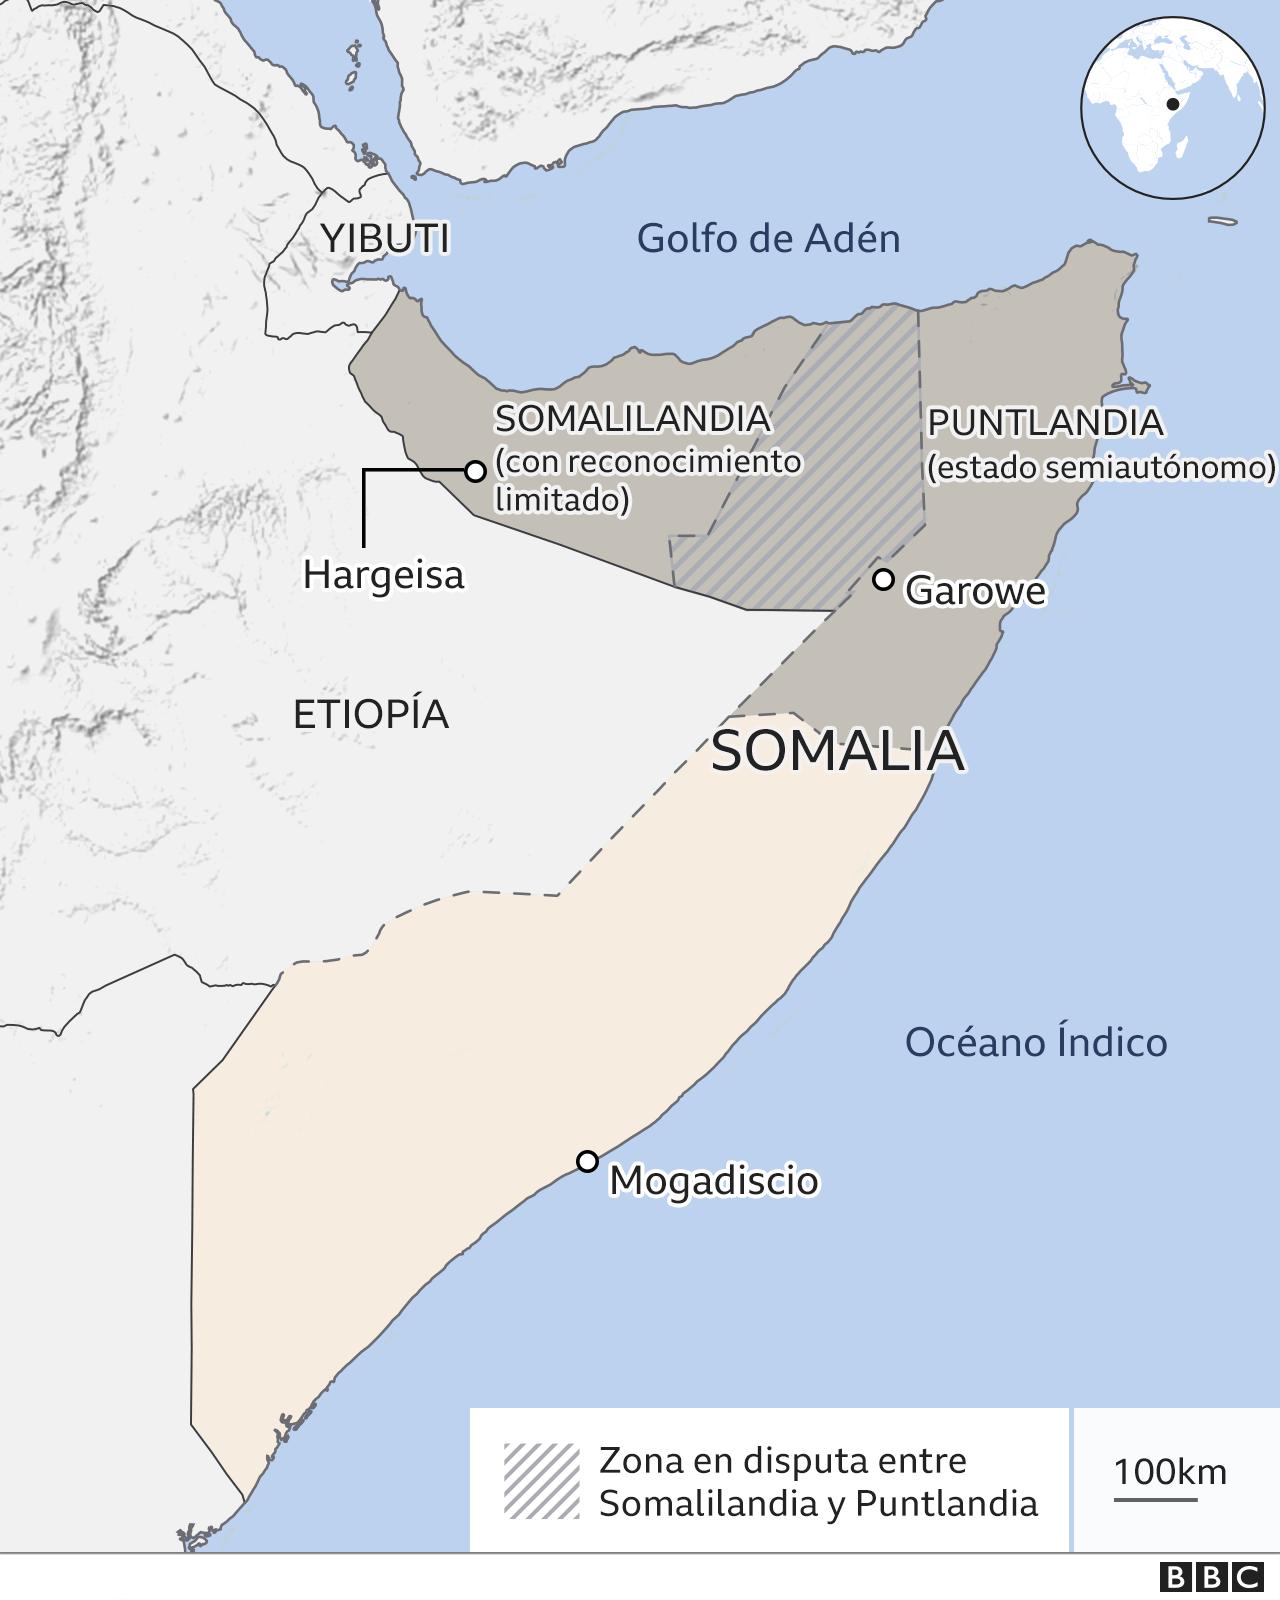 Mapa Somalilandia